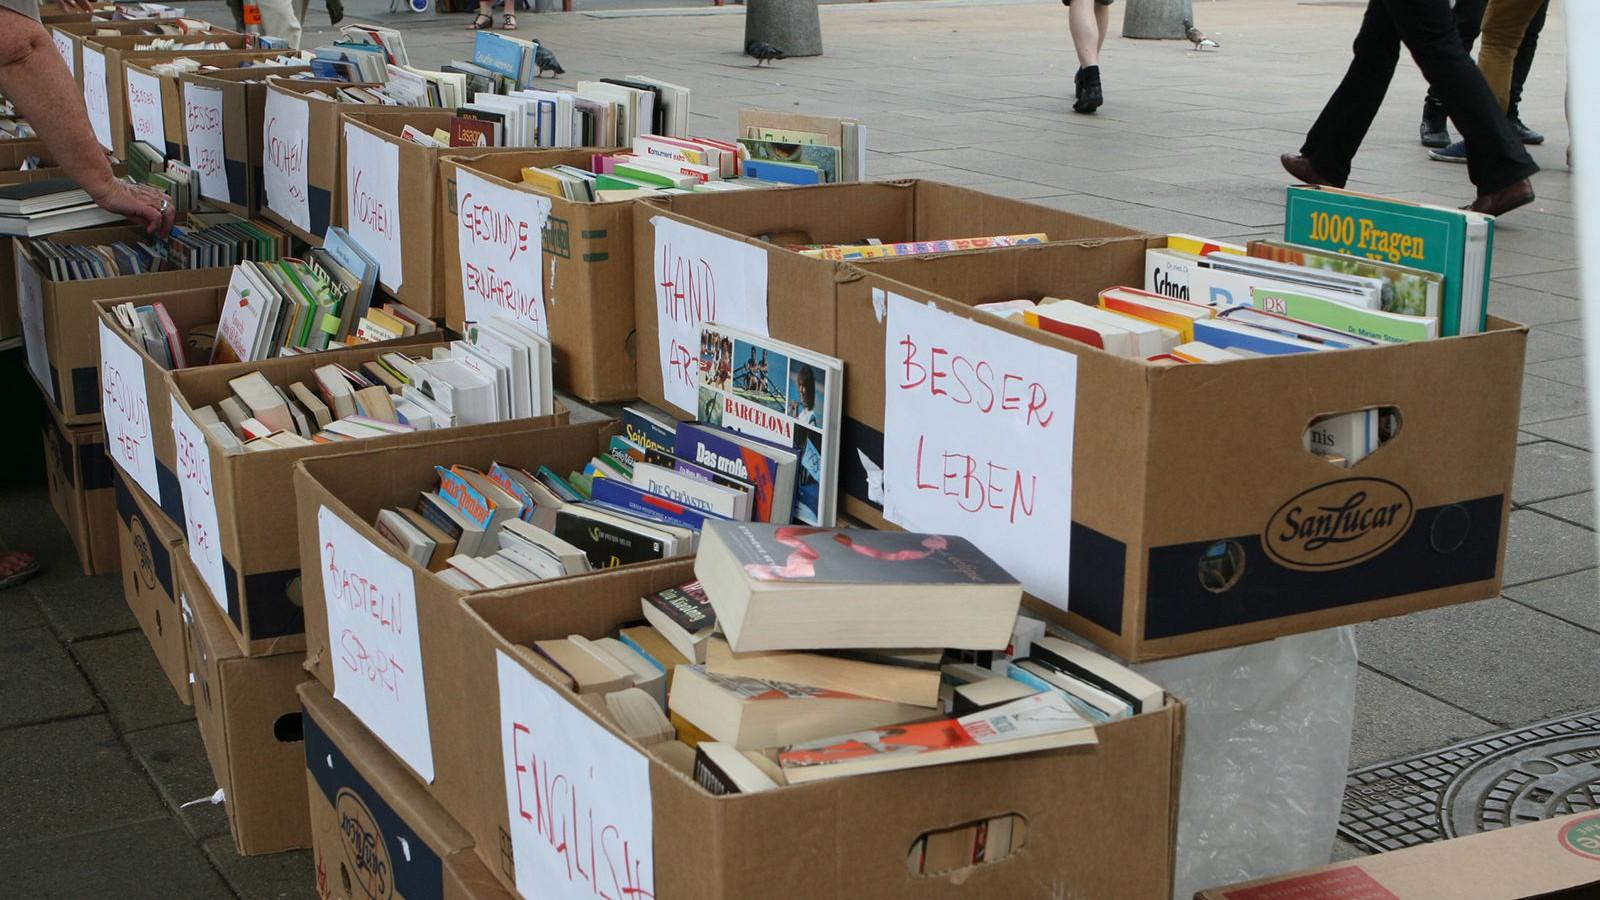 Bücher spenden Wien: Gebrauchte Bücher für einen guten Zweck